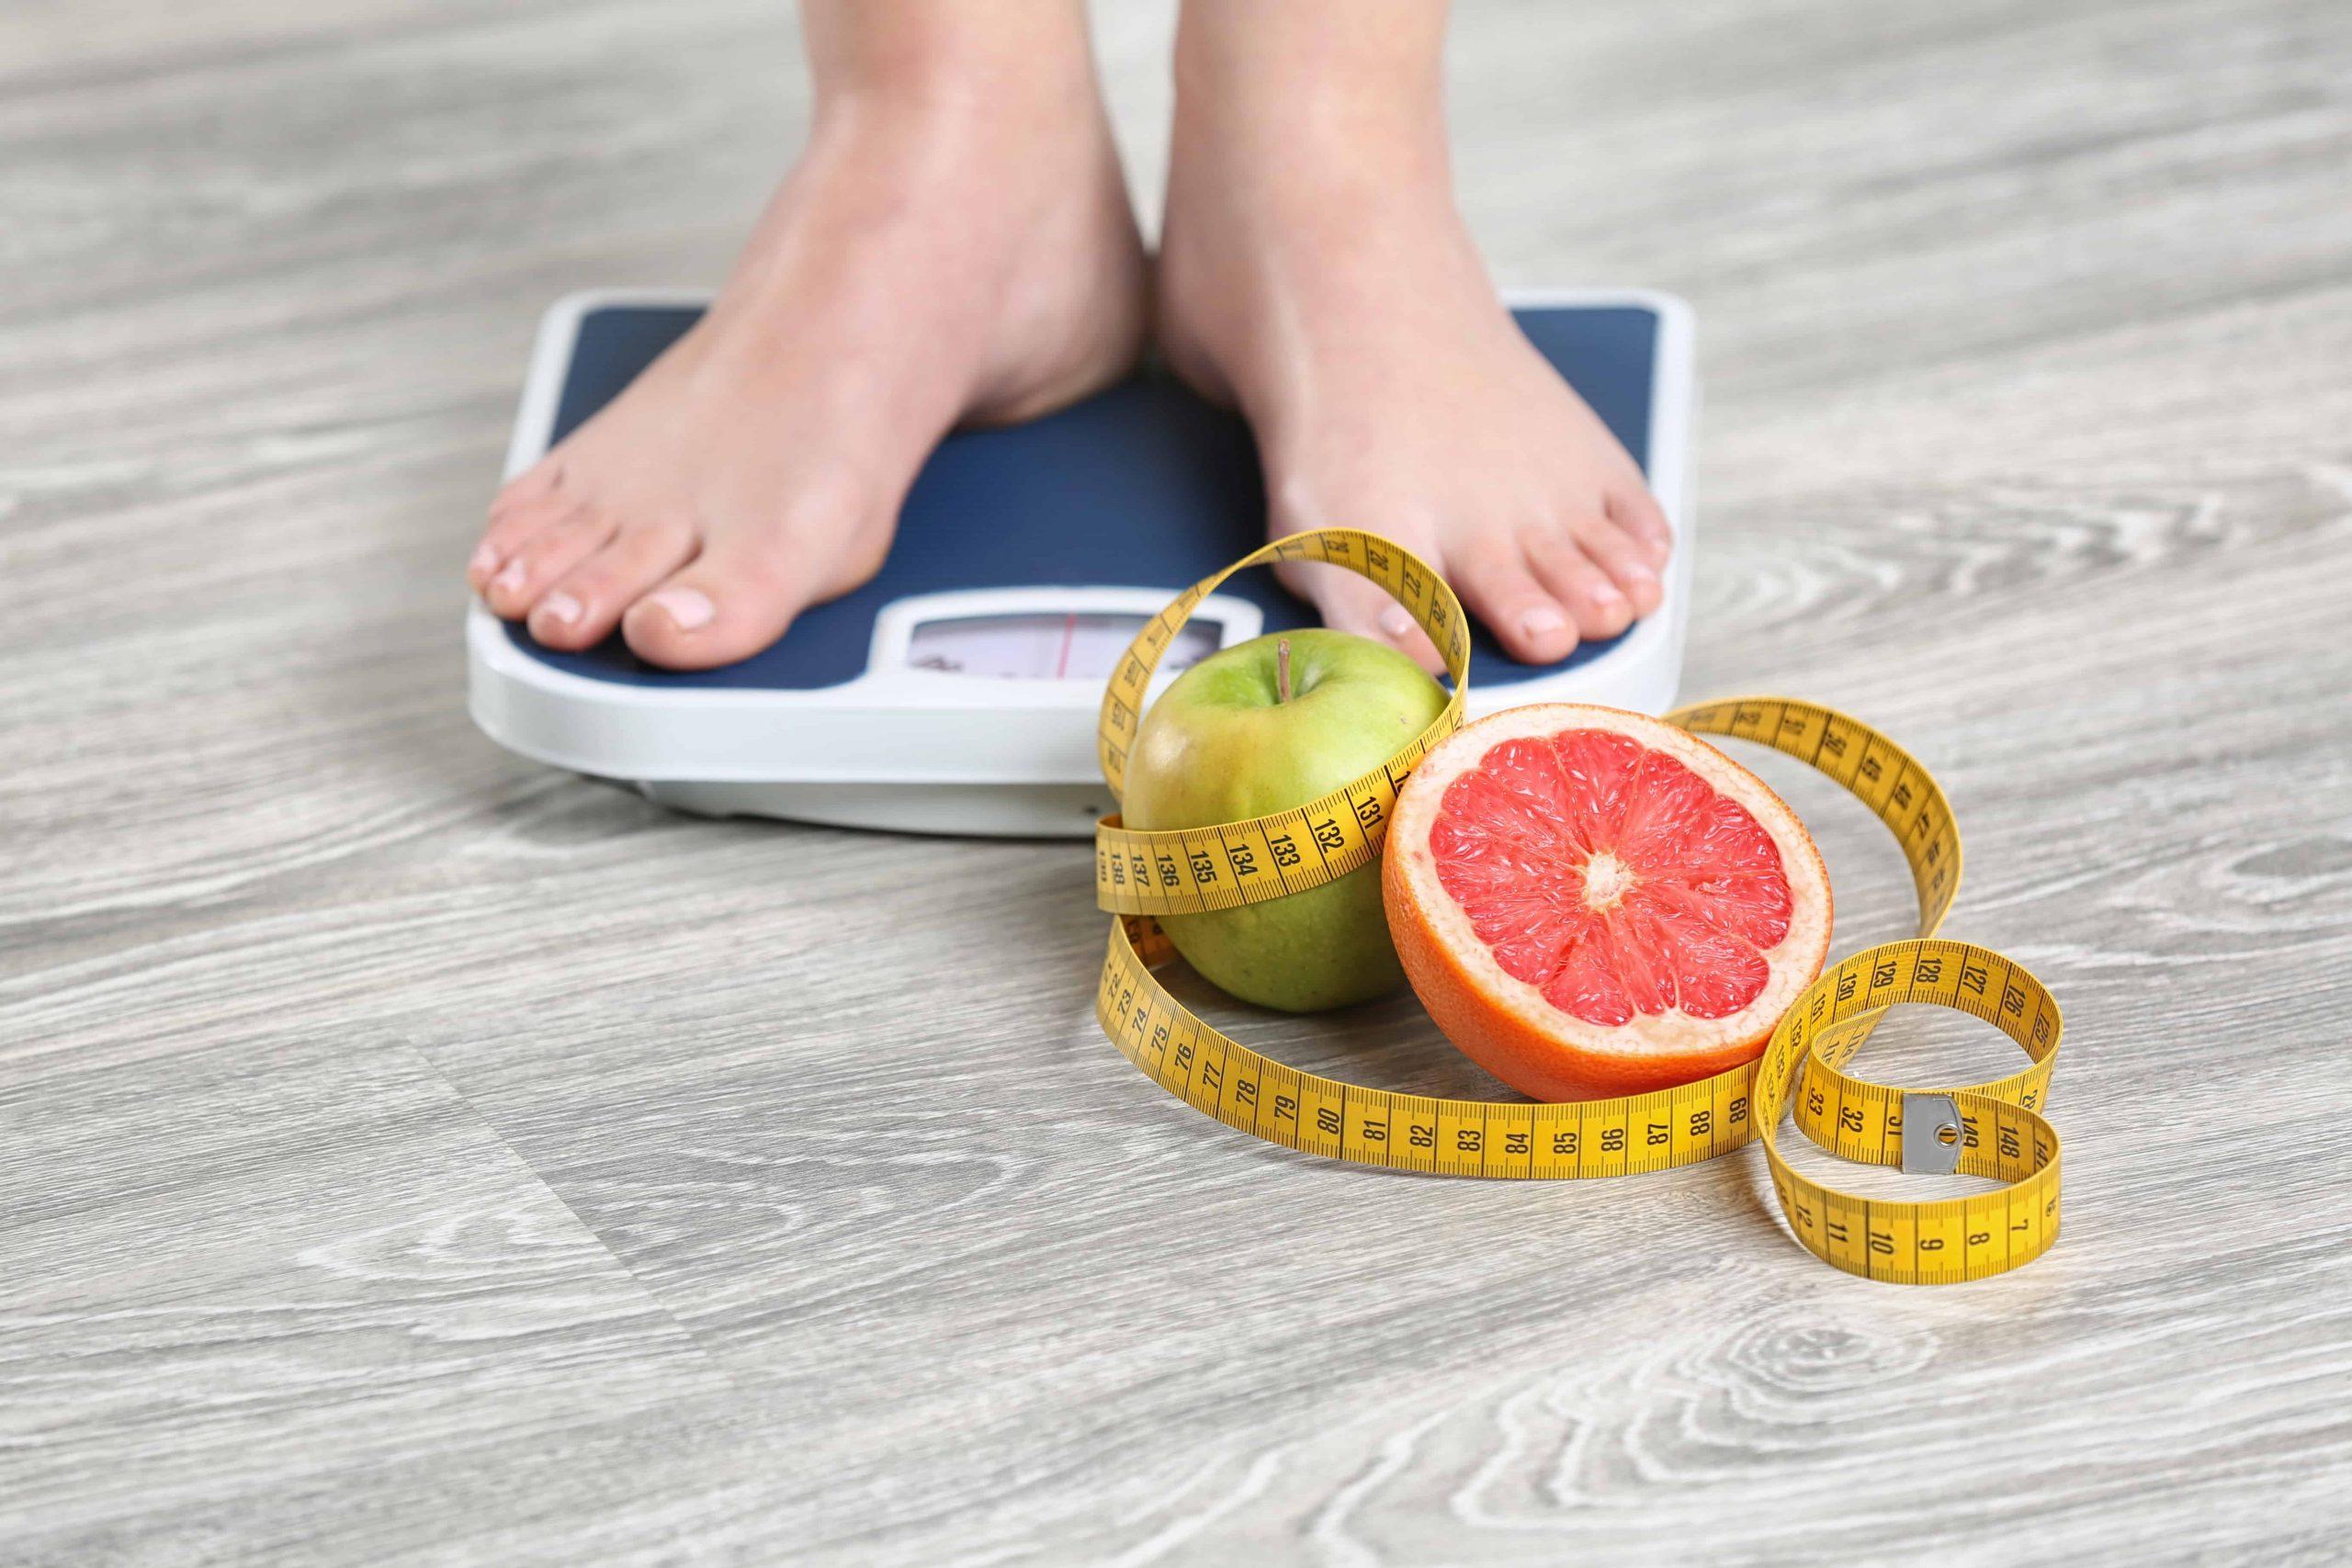 Idealgewicht: Mit der richtigen Ernährung und Sport zum Idealgewicht